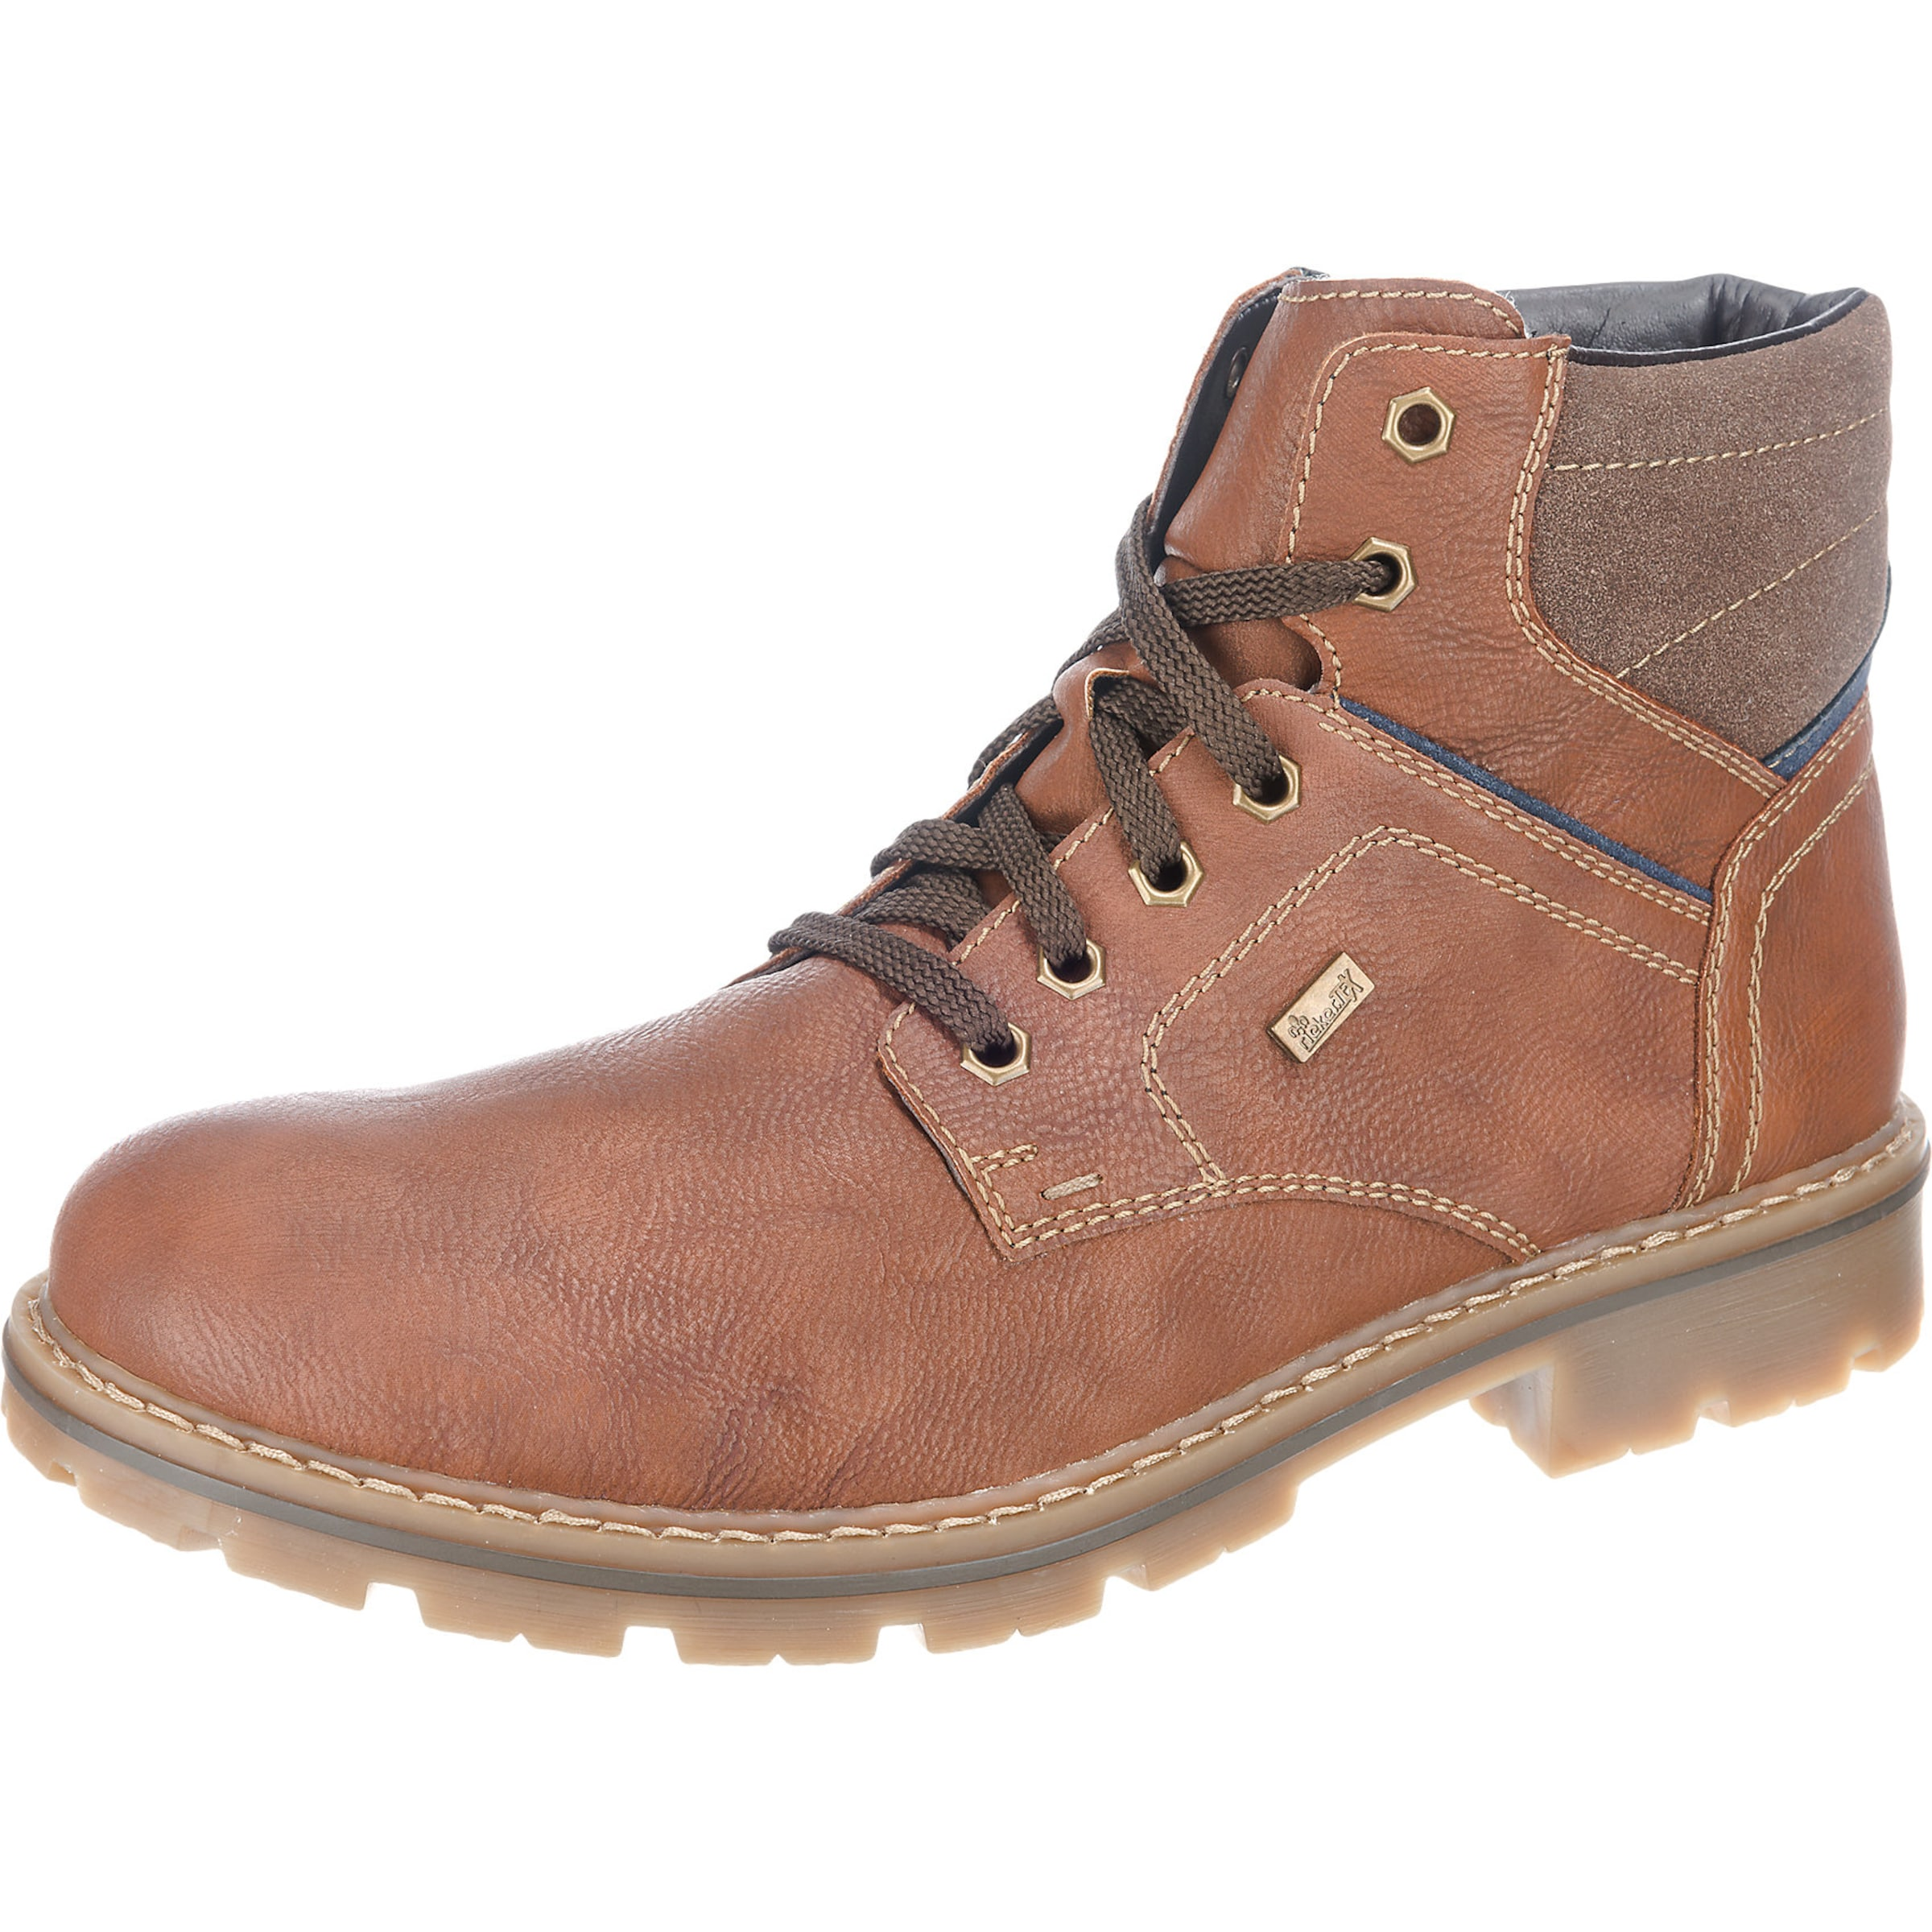 Haltbare Mode billige Schuhe RIEKER | Schnürboots Schuhe Gut Gut Gut getragene Schuhe 4c00e2